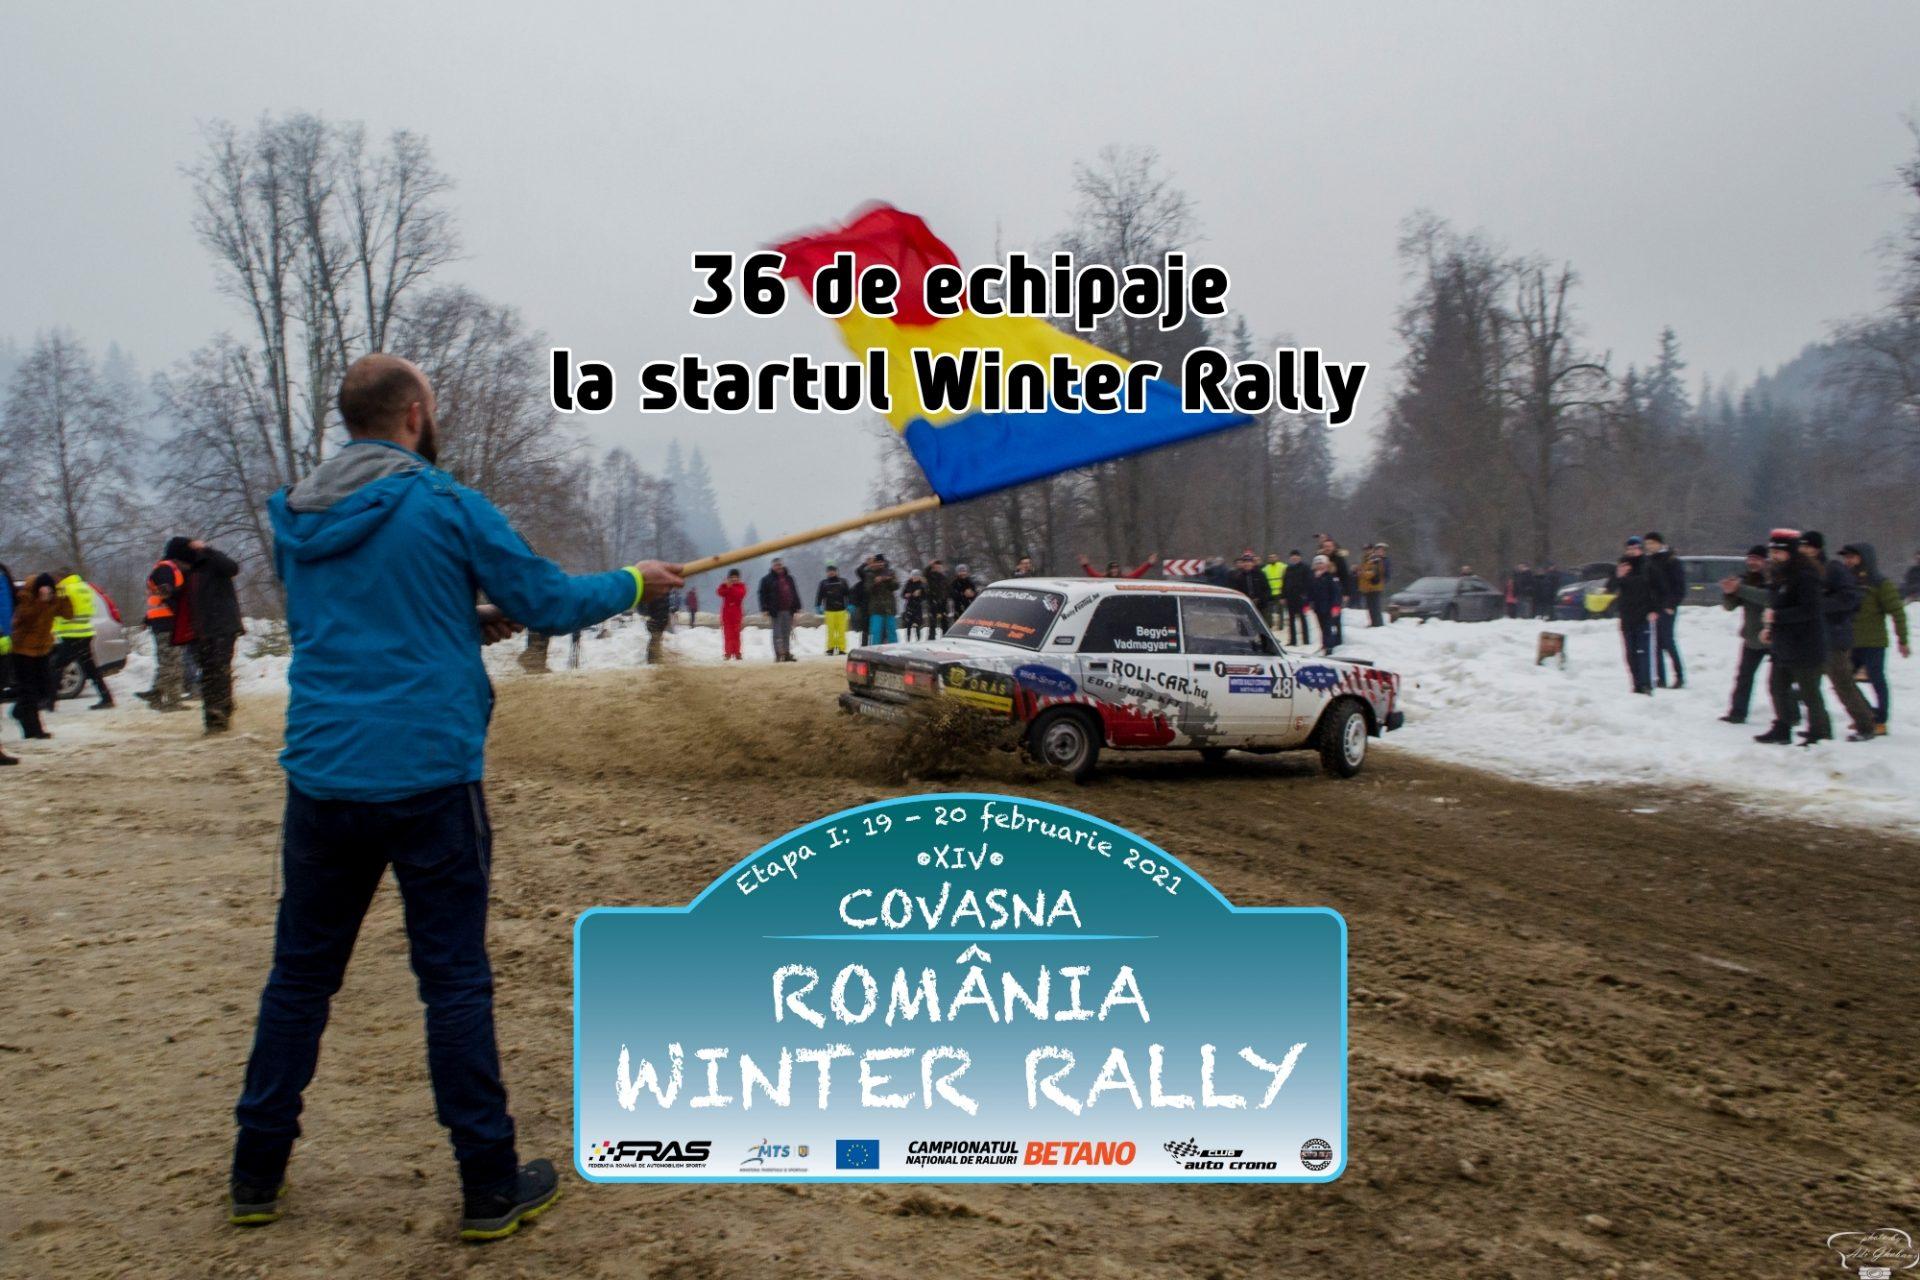 38 de echipaje pornesc în România Winter Rally 2021